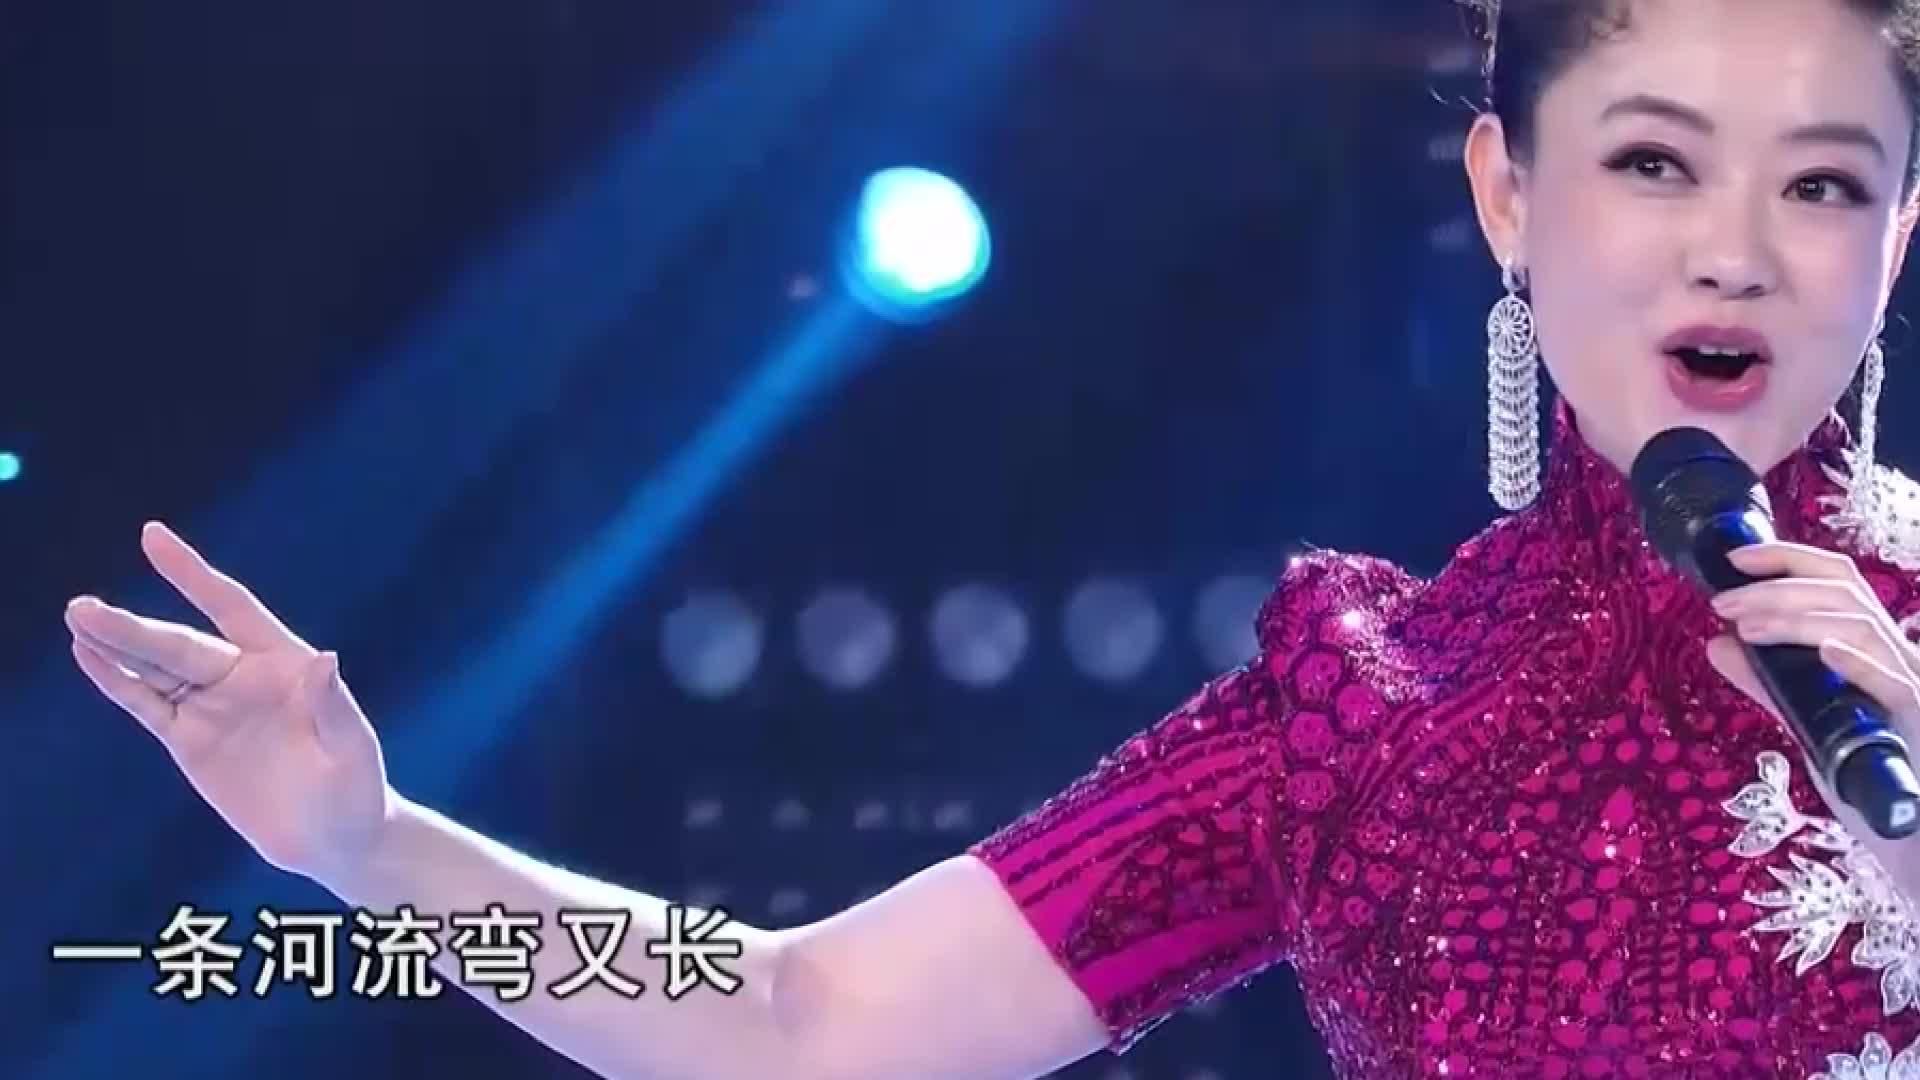 王庆爽传唱金曲《再唱沂蒙山》,嗓音甘甜优雅,真是人美歌甜